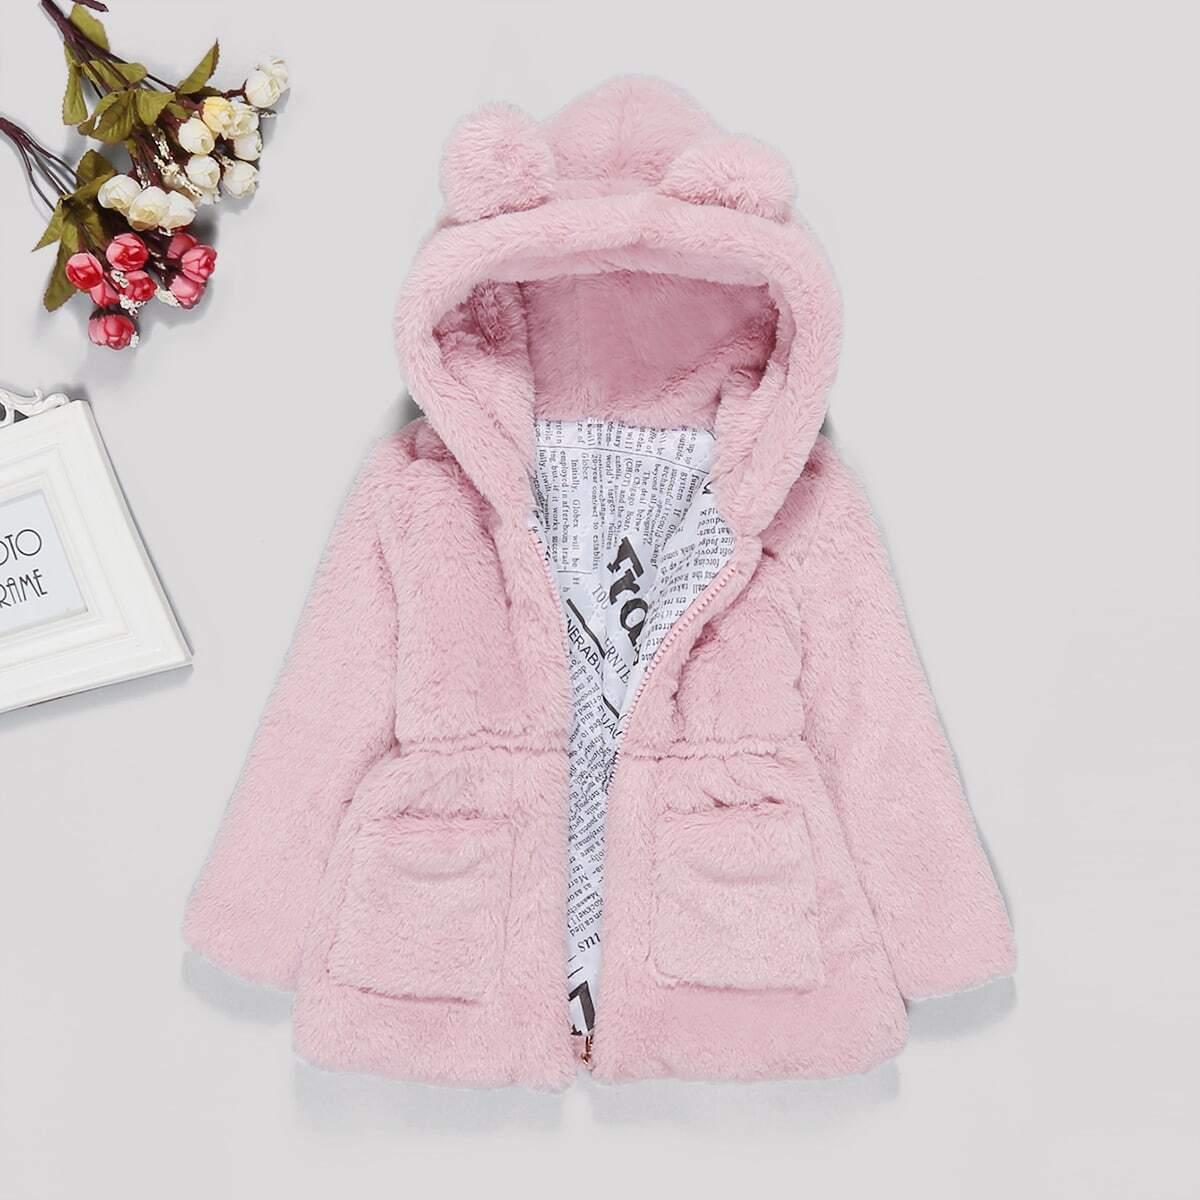 Однотонная куртка тедди с капюшоном из искусственных мехов для маленьких девочек от SHEIN